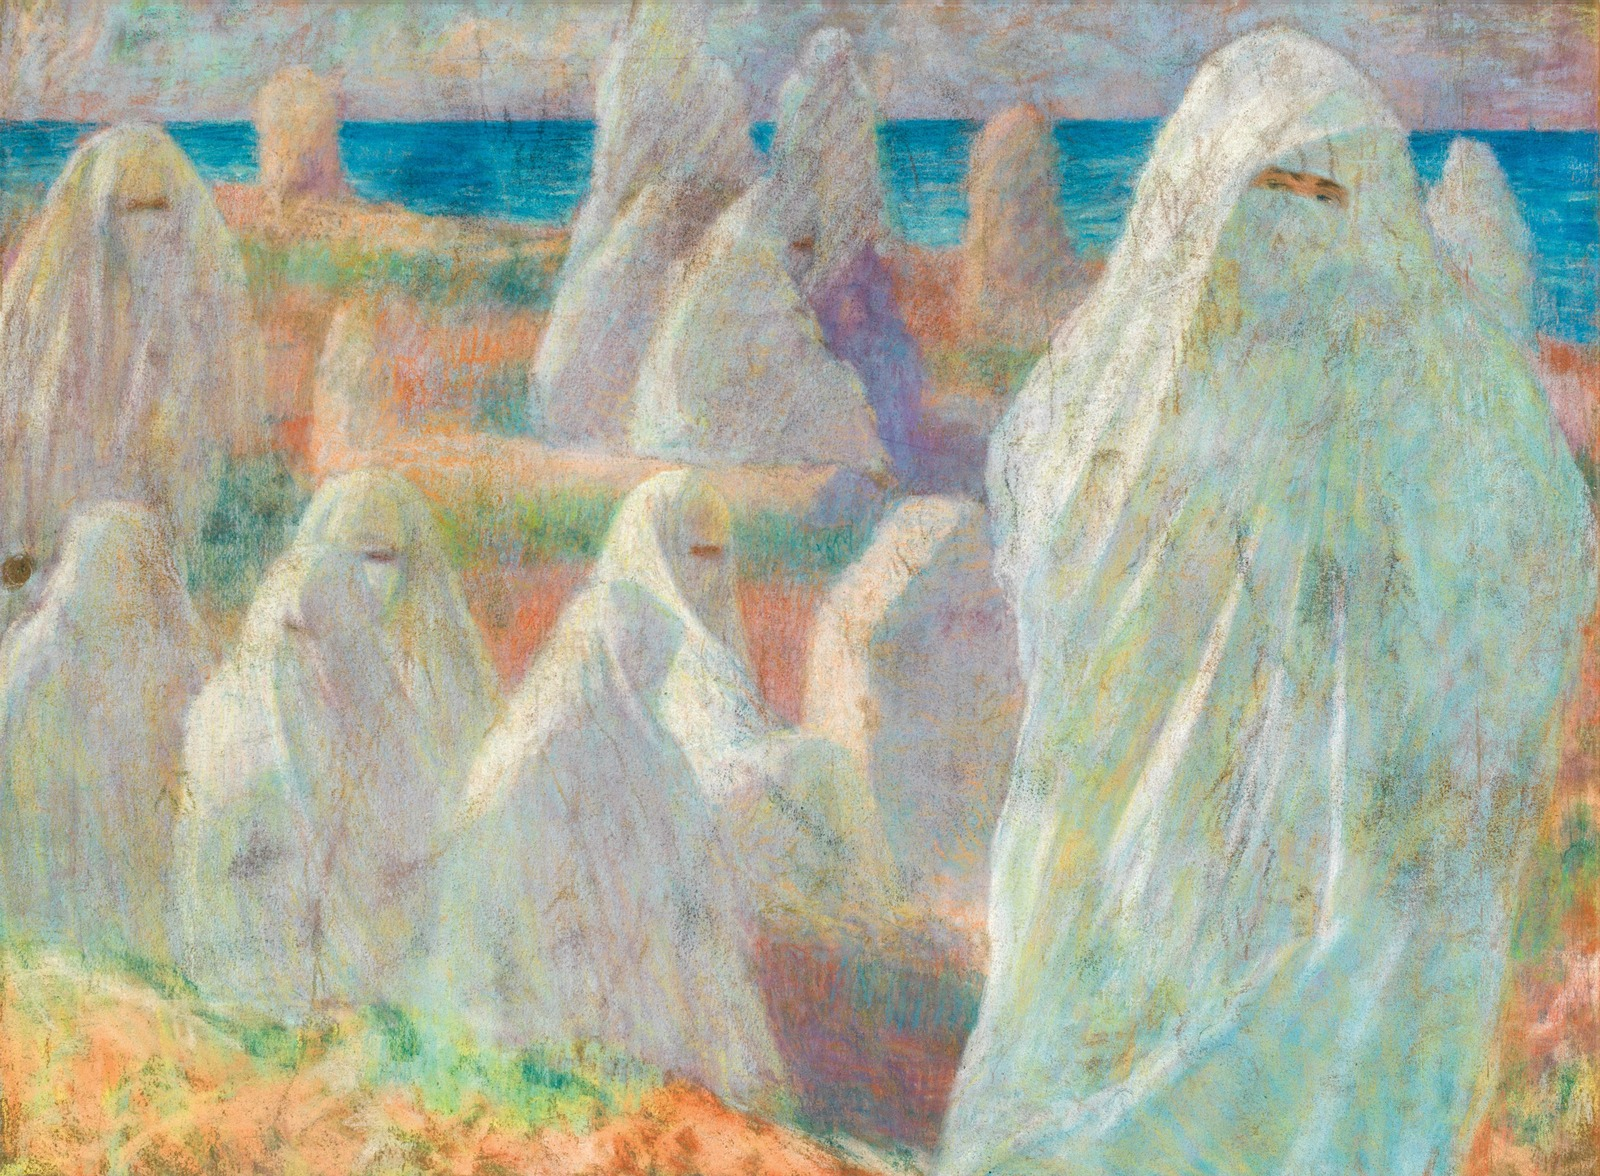 Алжирские женщины на берегу озера (Algerian women on the bank of a lake) (оборотная сторона)_60 х 85_бумага, пастель_Частное собрание.jpg